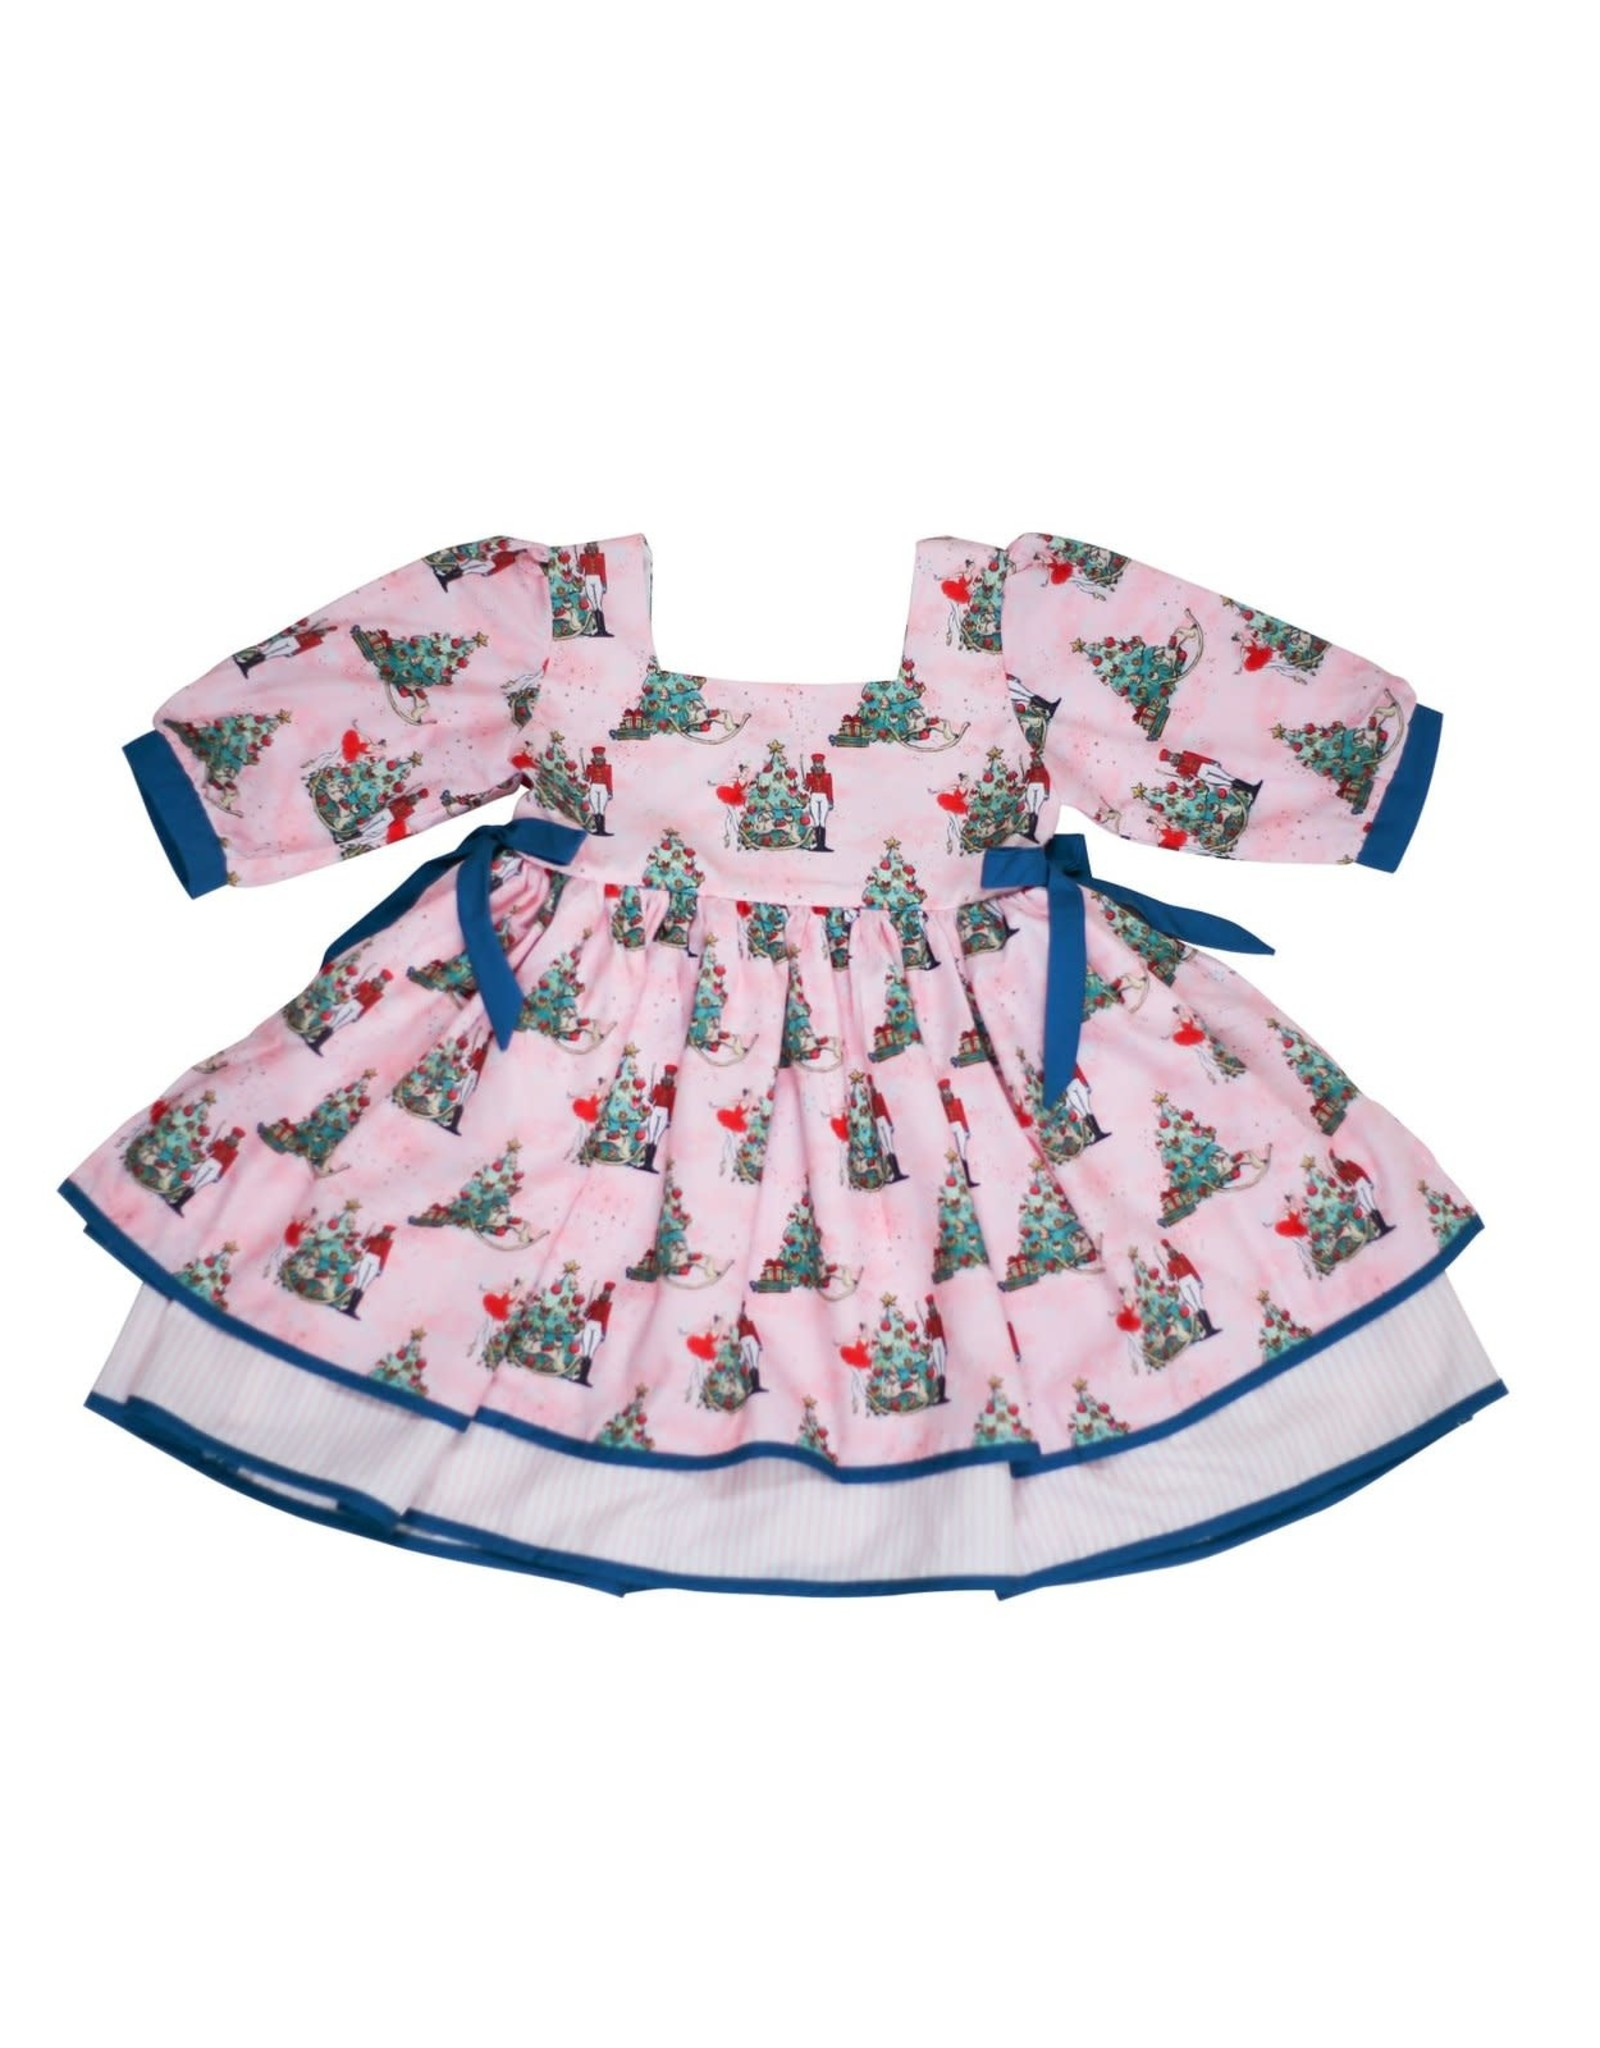 Be Girl Gibson Dress- Pink Nutcracker